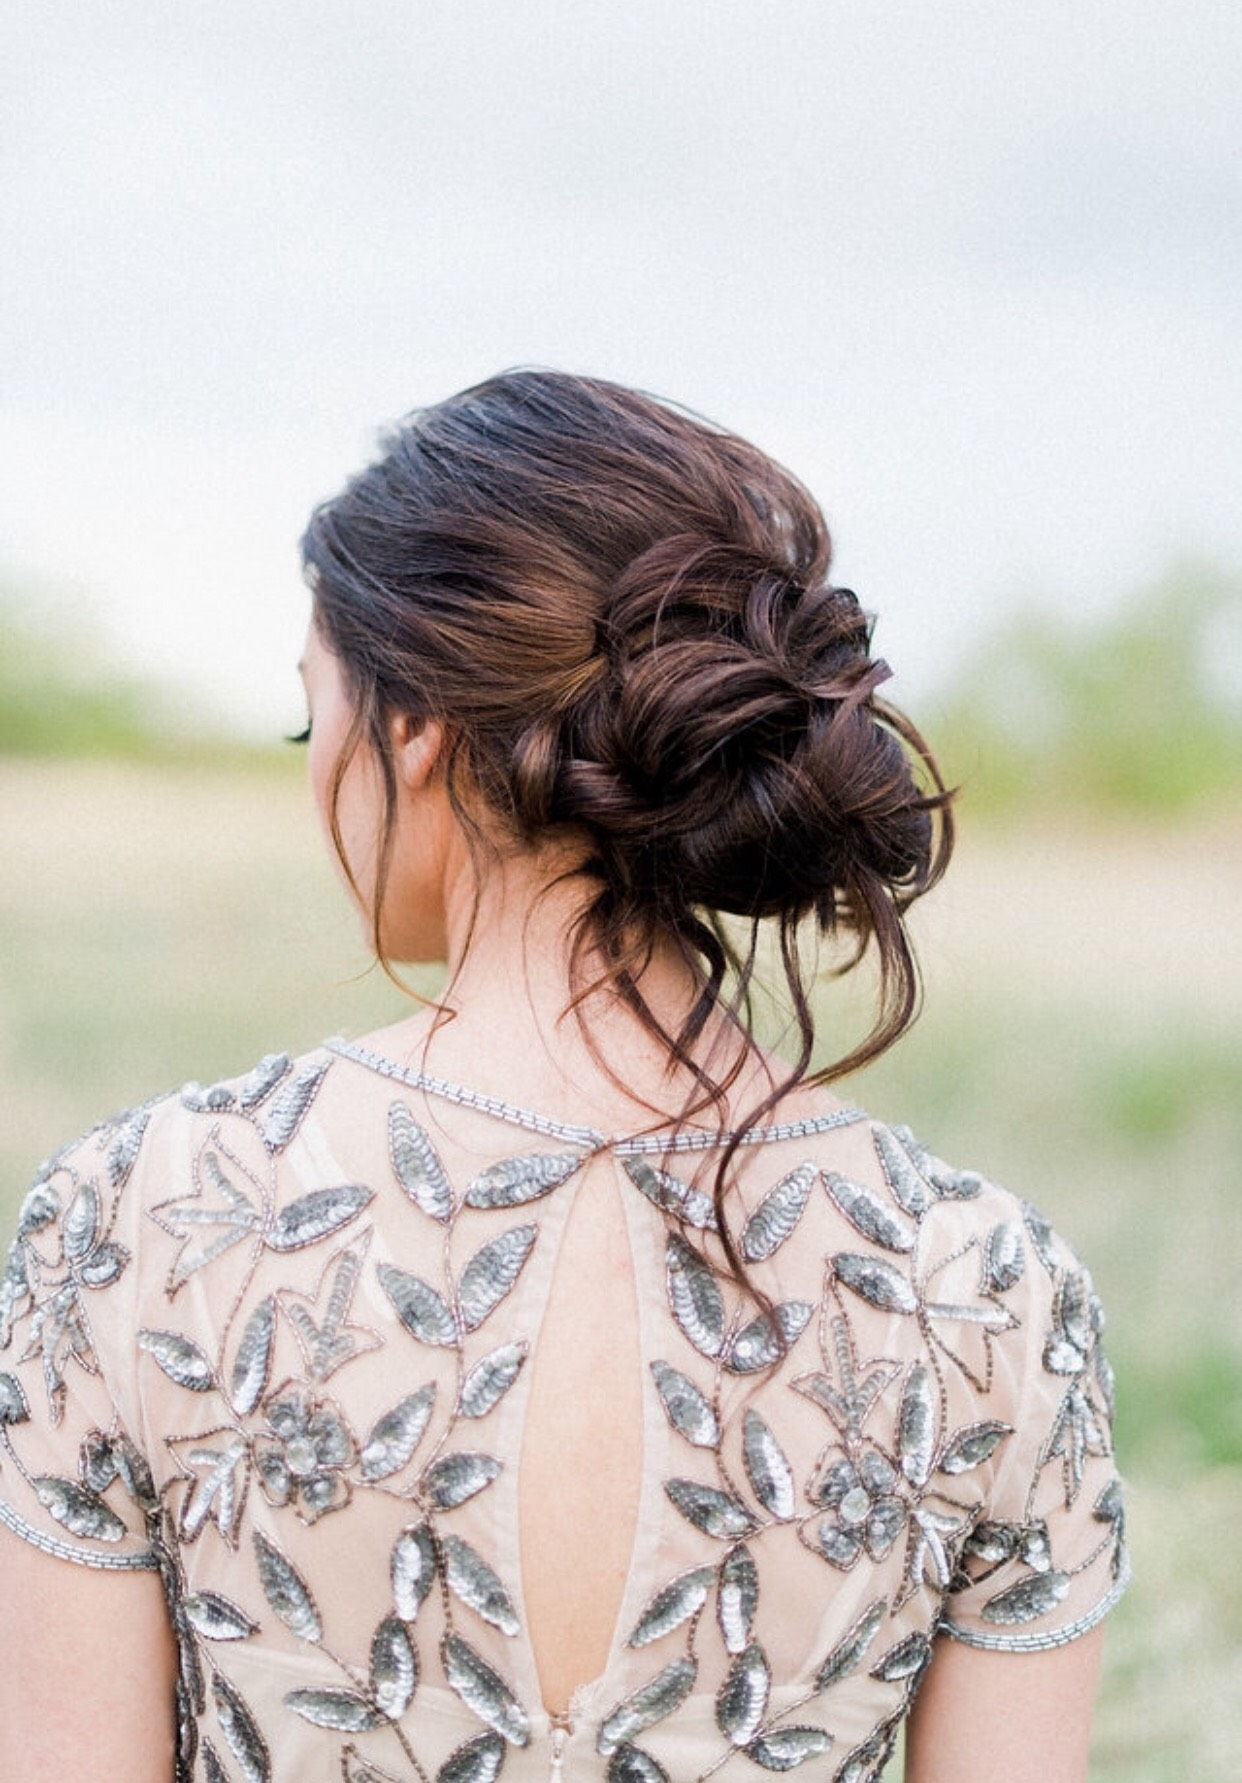 Denver-wedding-hair-wedding-hairstylist-traveling-updo-artist